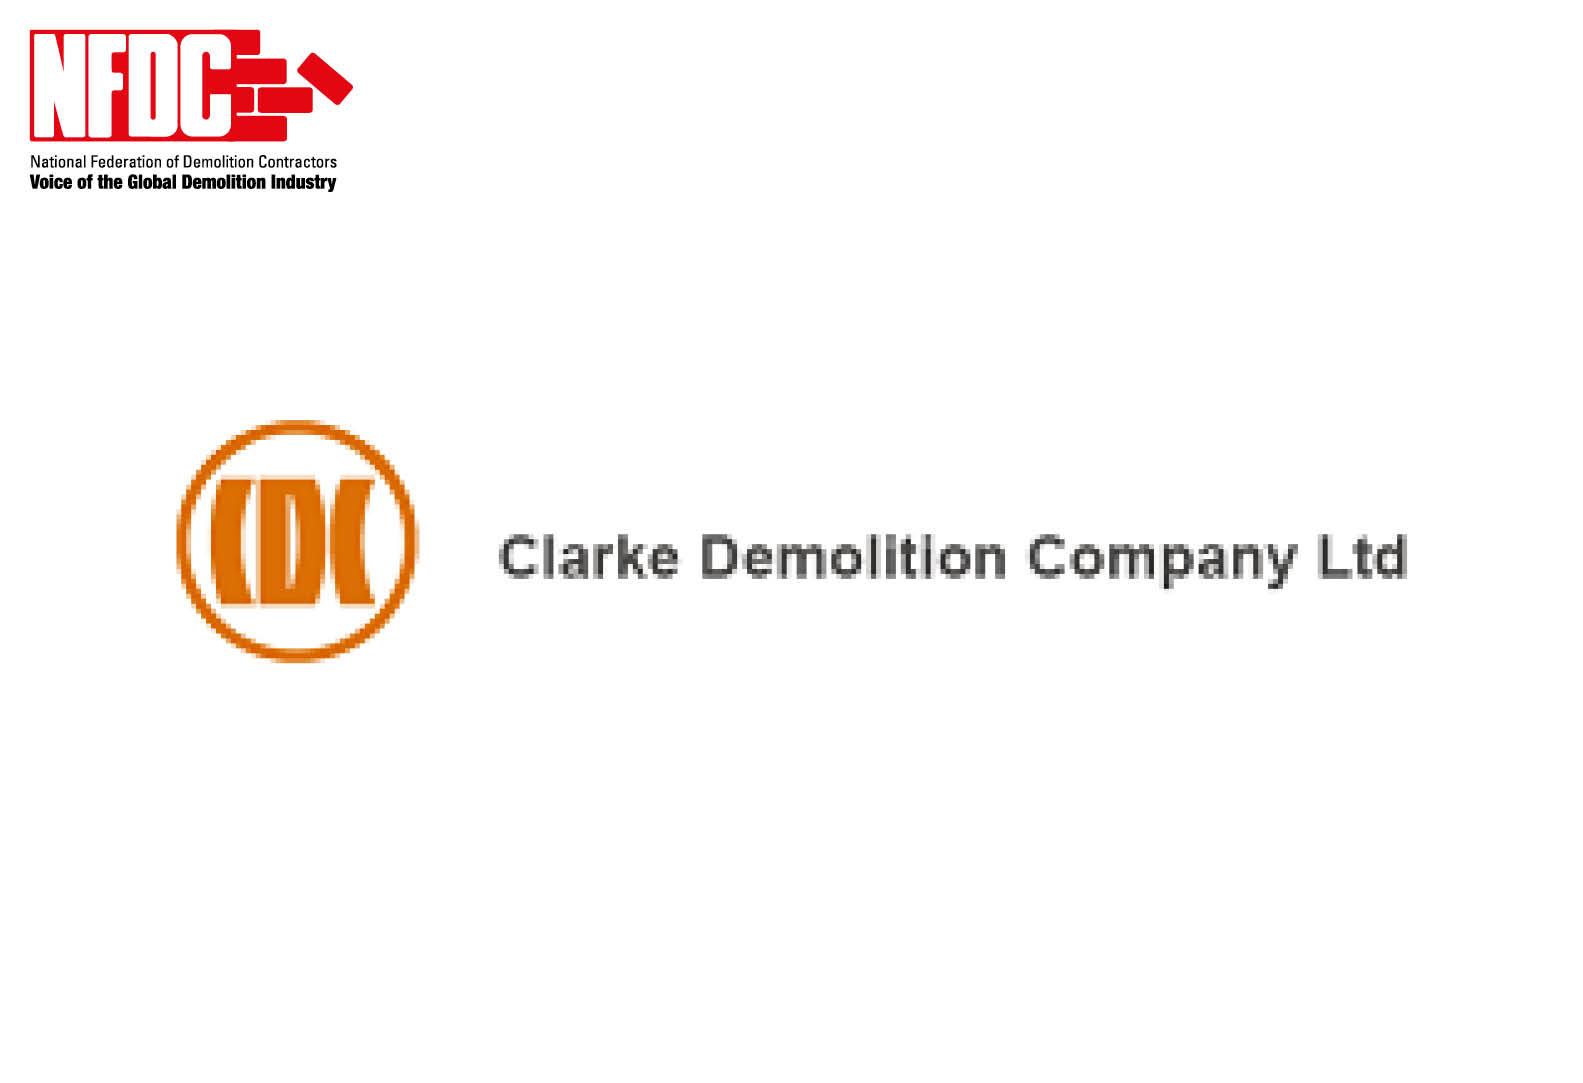 Clarke Demolition